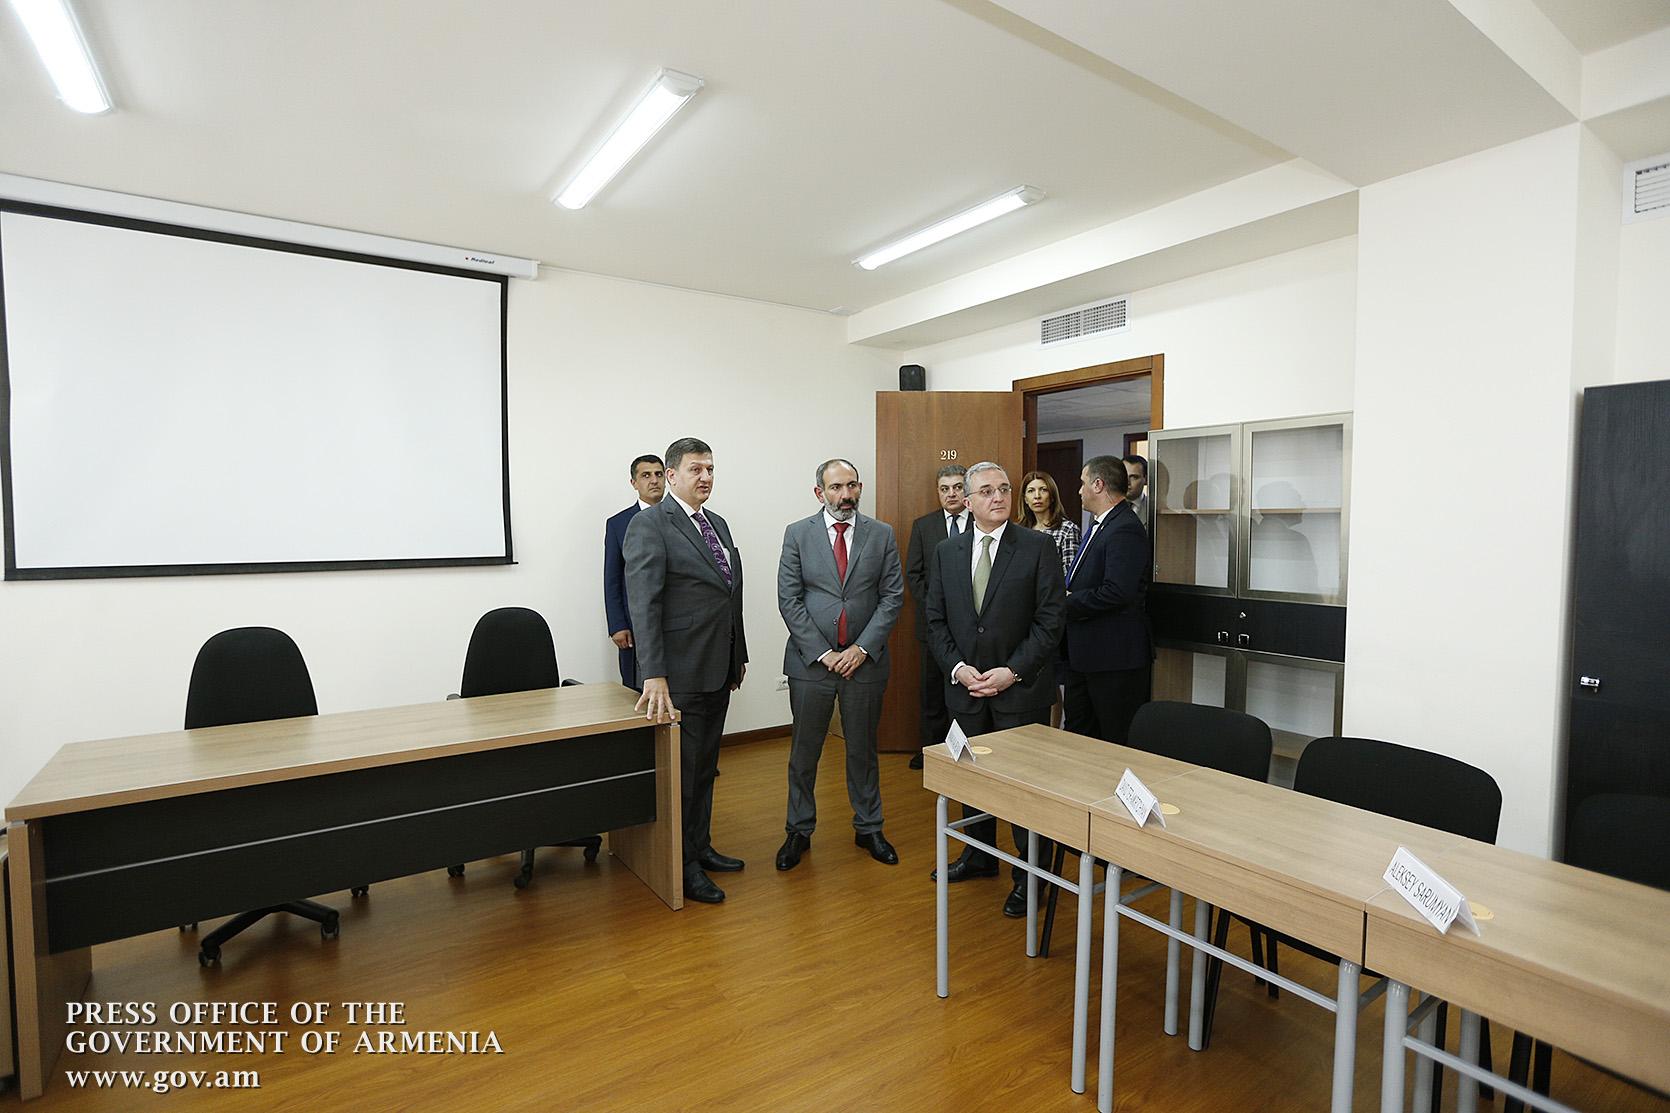 Վարչապետը ներկա է գտնվել Հայաստանի դիվանագիտության պատմությունը ներկայացնող կայքէջի շնորհանդեսին